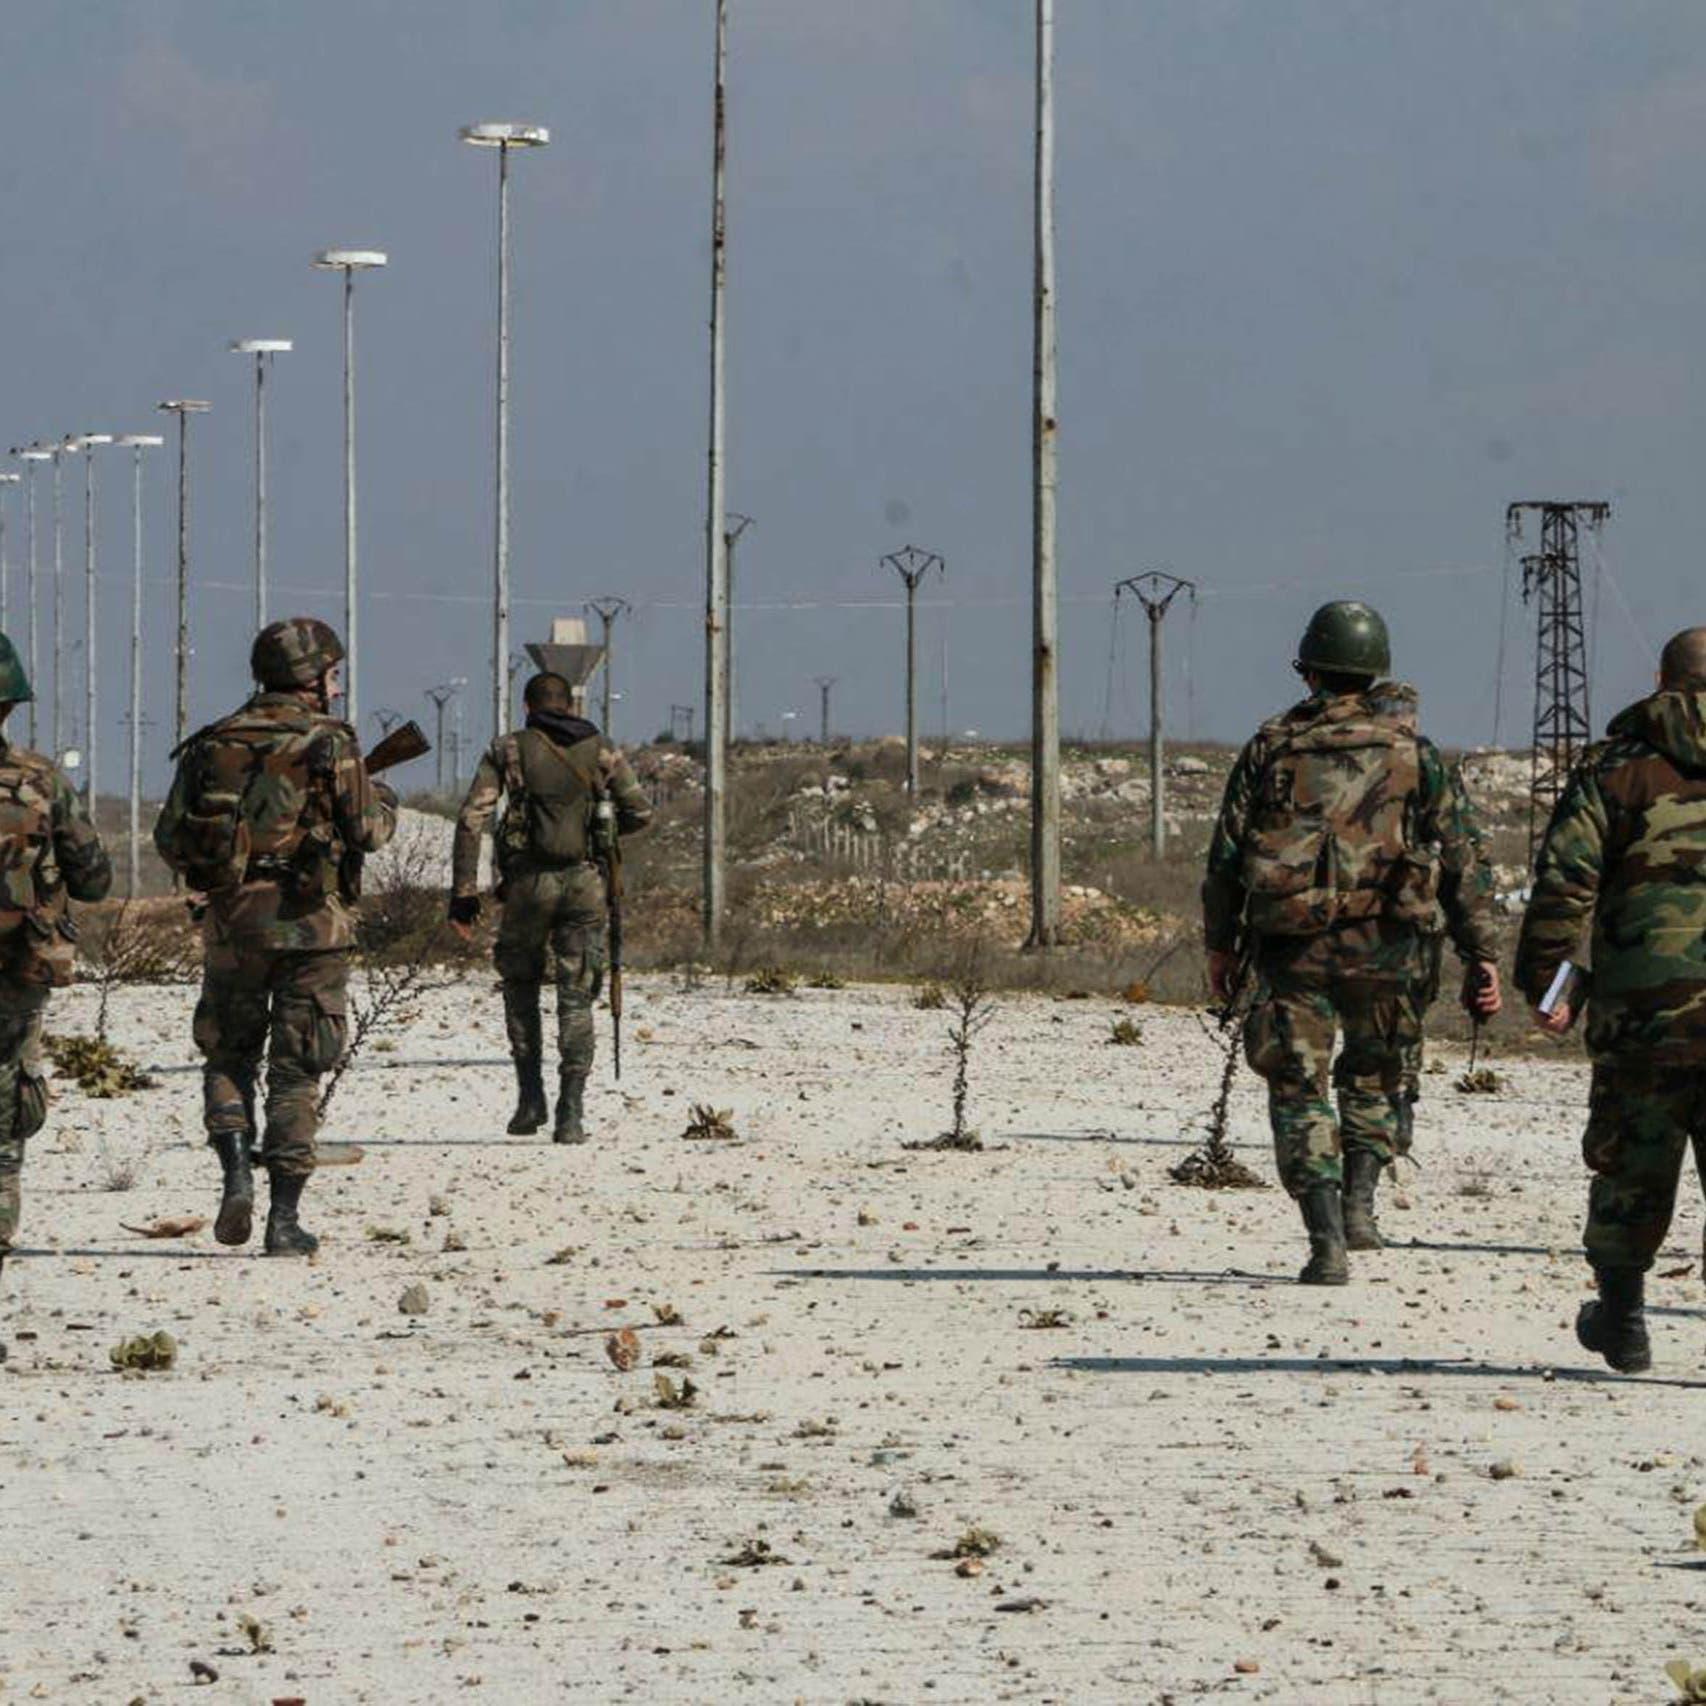 مقتل 5 من قوات النظام في استهداف للفصائل في ريفي إدلب وحلب